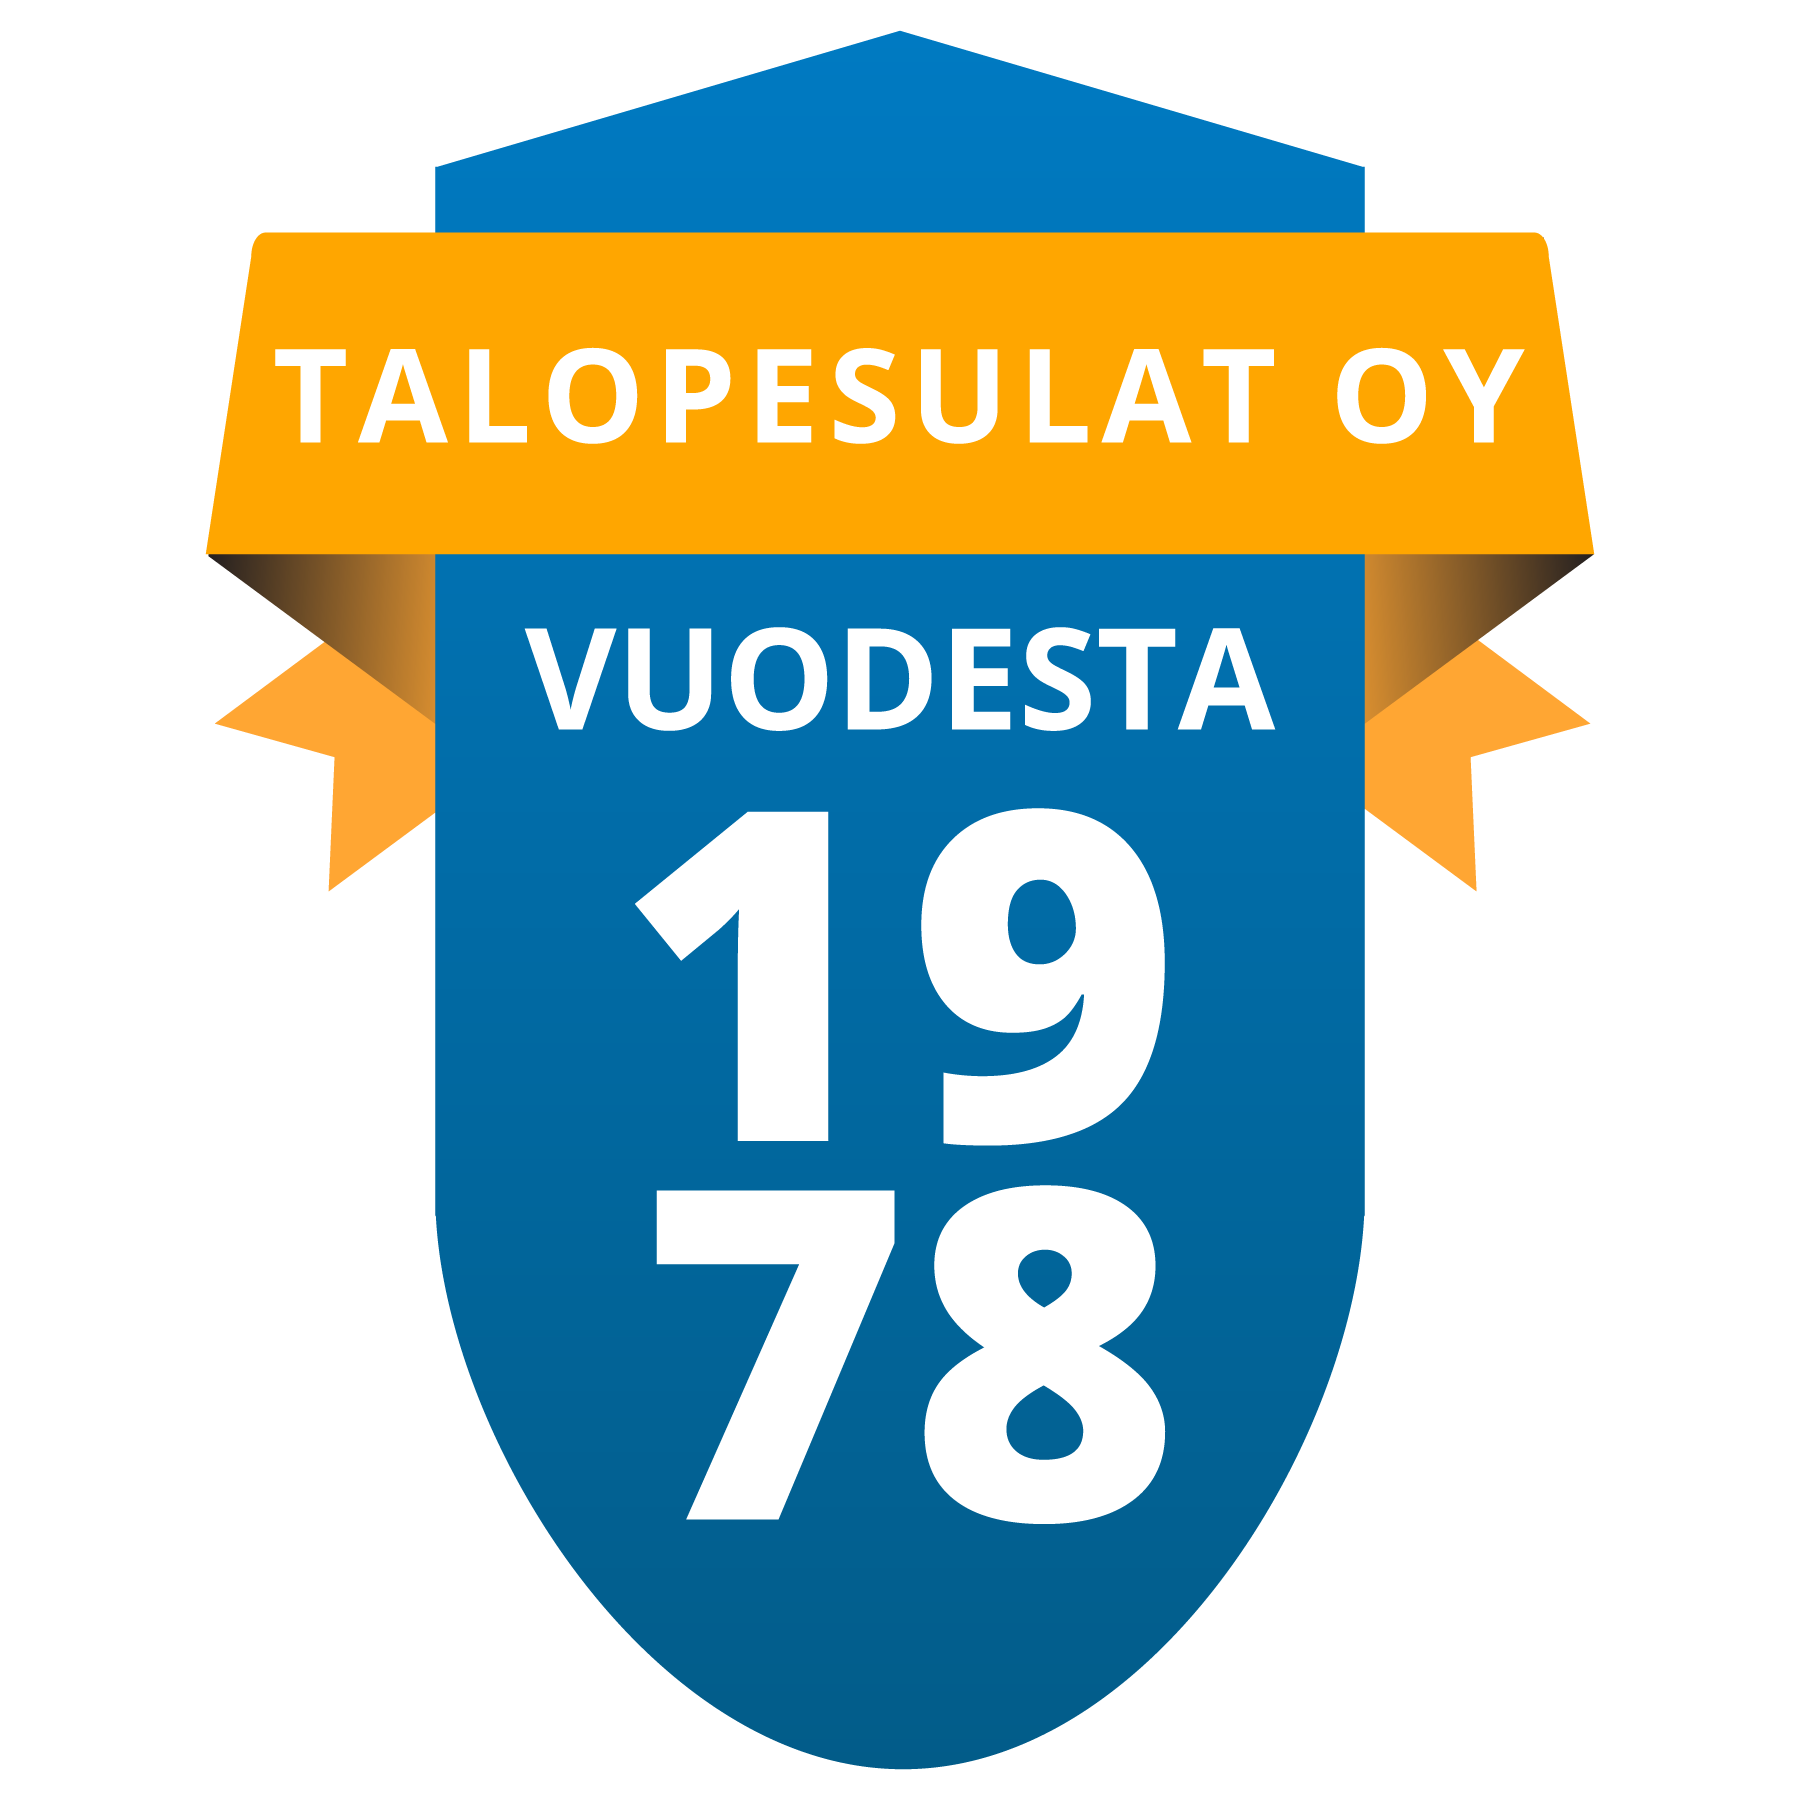 Talopesulat Oy on suomalainen vuonna 1978 perustettu perheyritys.